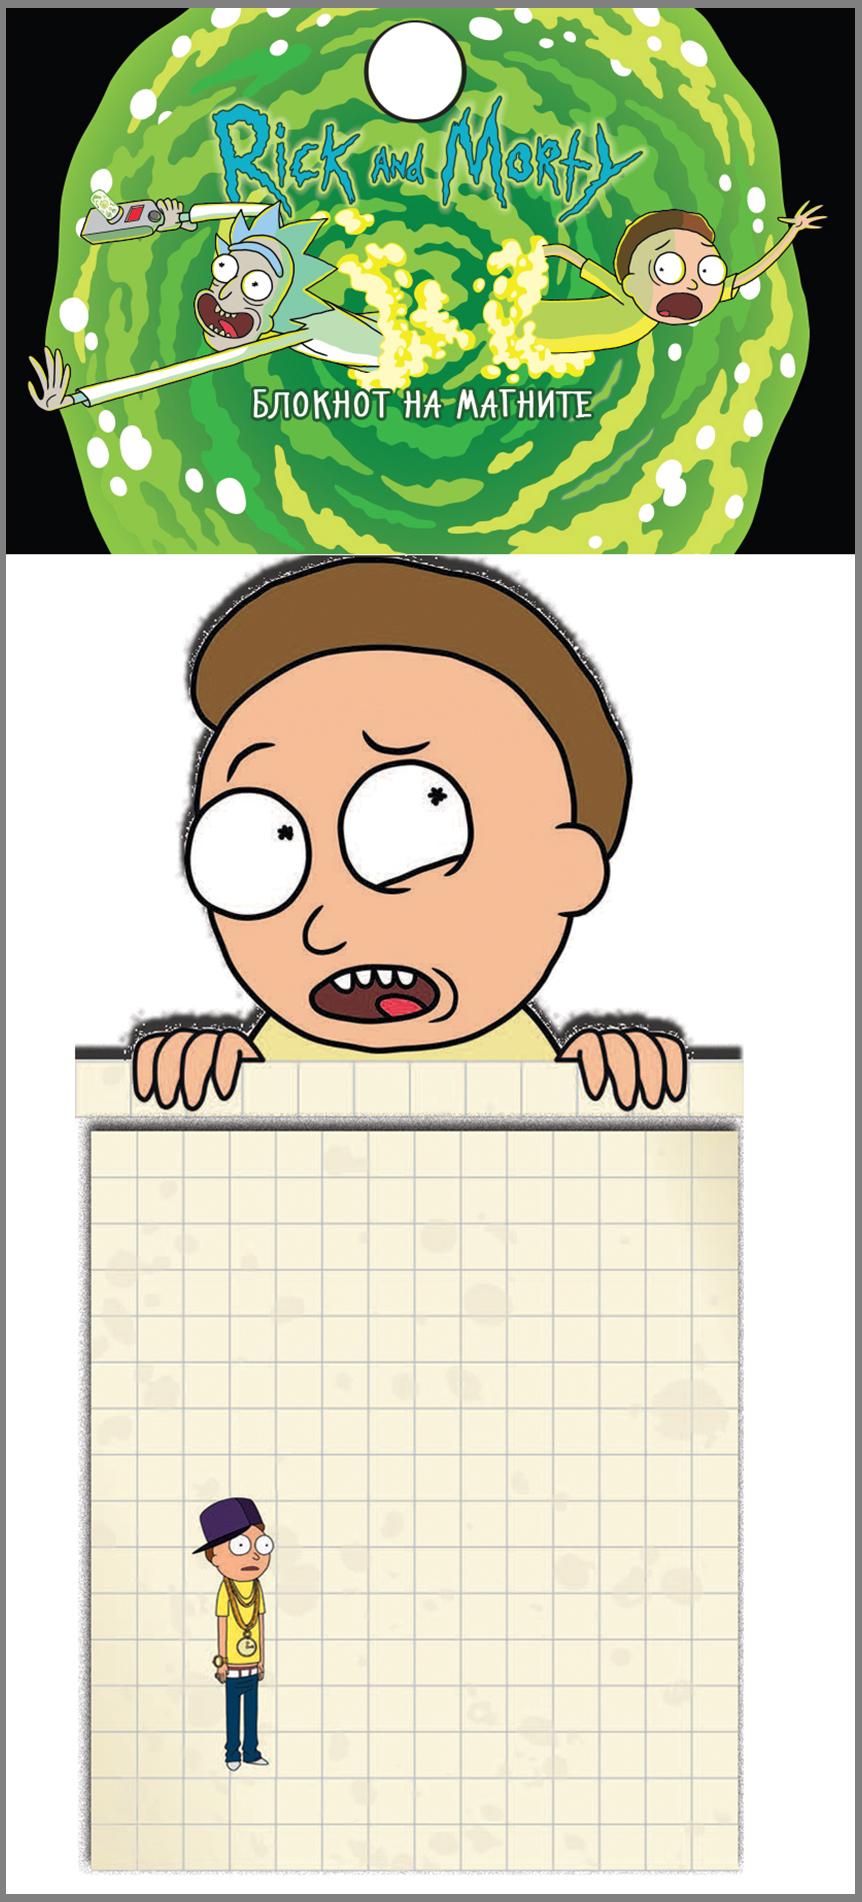 Блокнот на магните. Морти Смит смешные совушки к празднику комплект пакет блокнот открытки